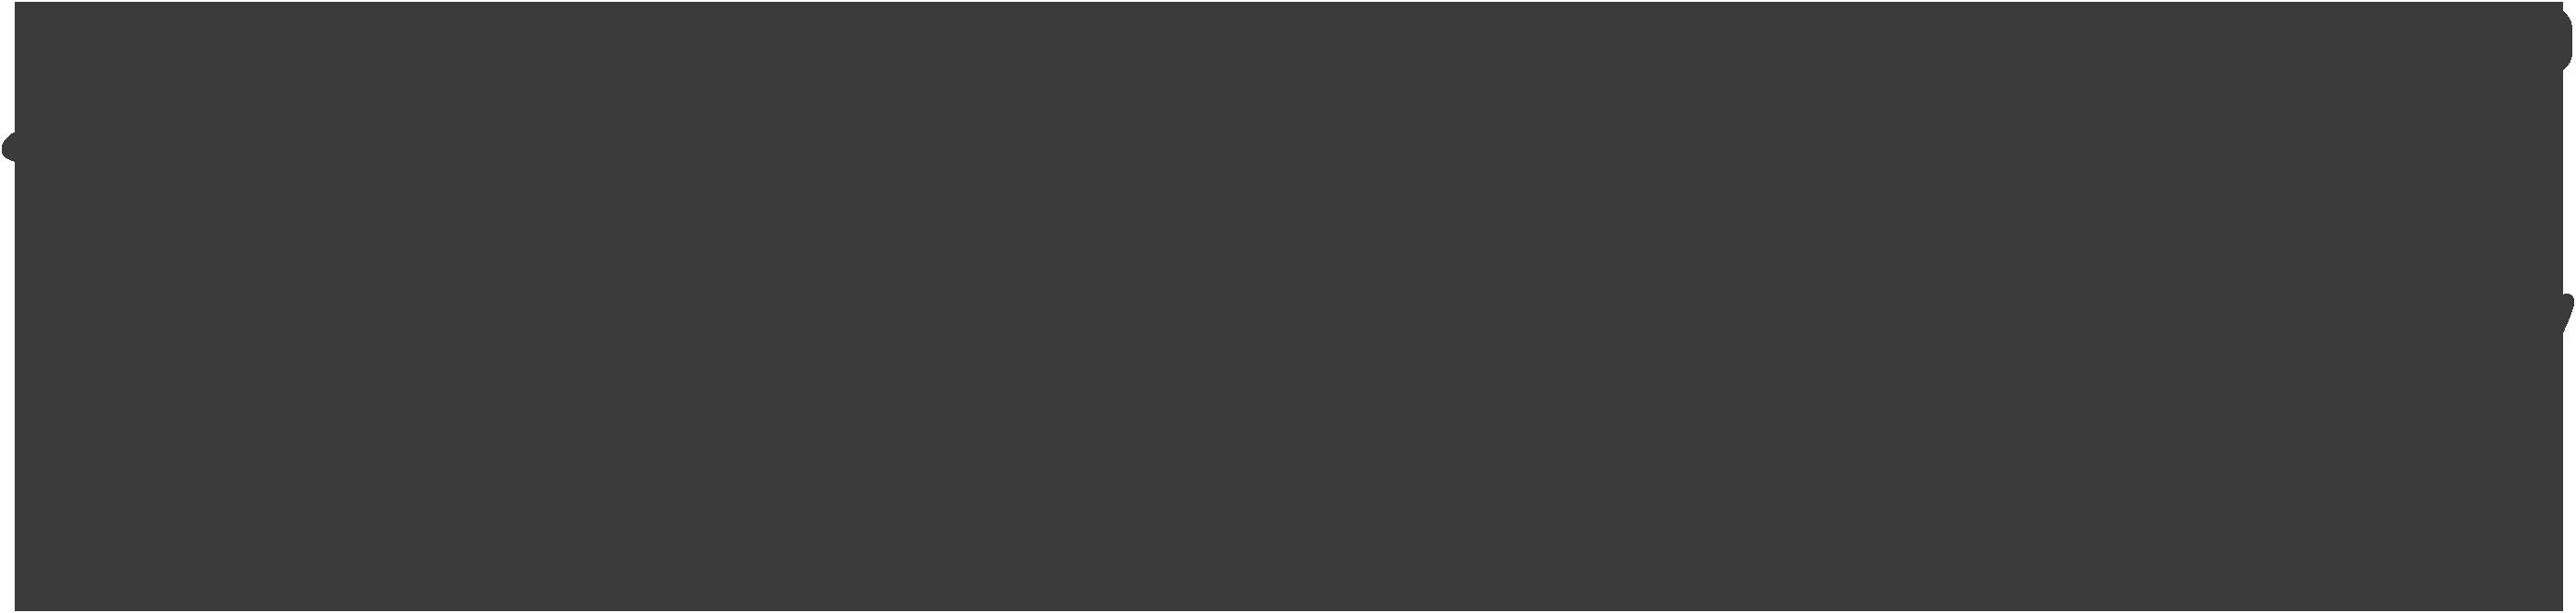 traumstart-logo-sc